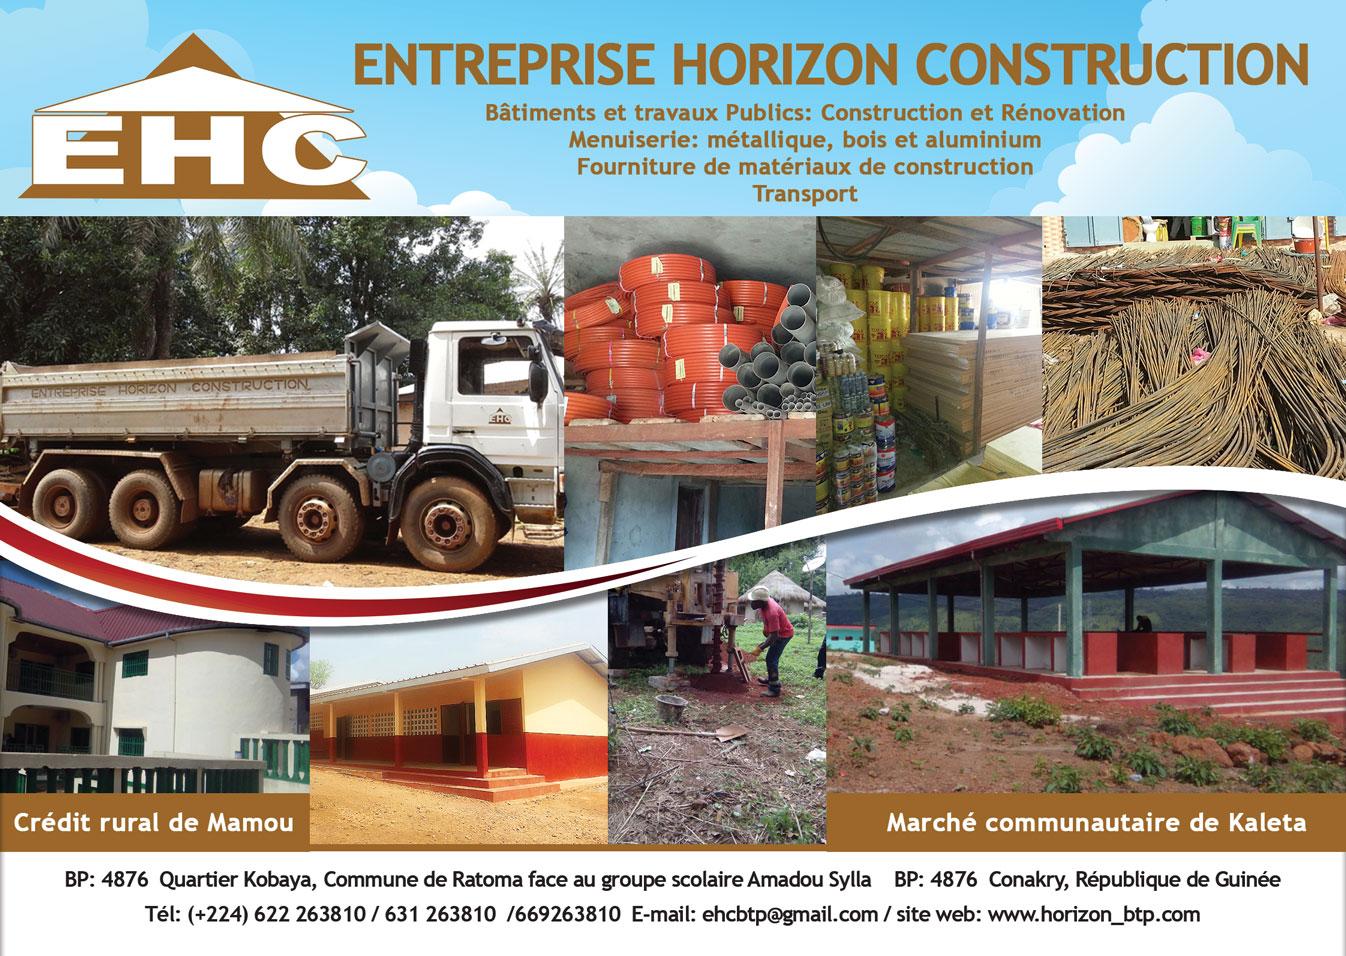 Entreprise horizon construction b timent travaux publics for Entreprise construction